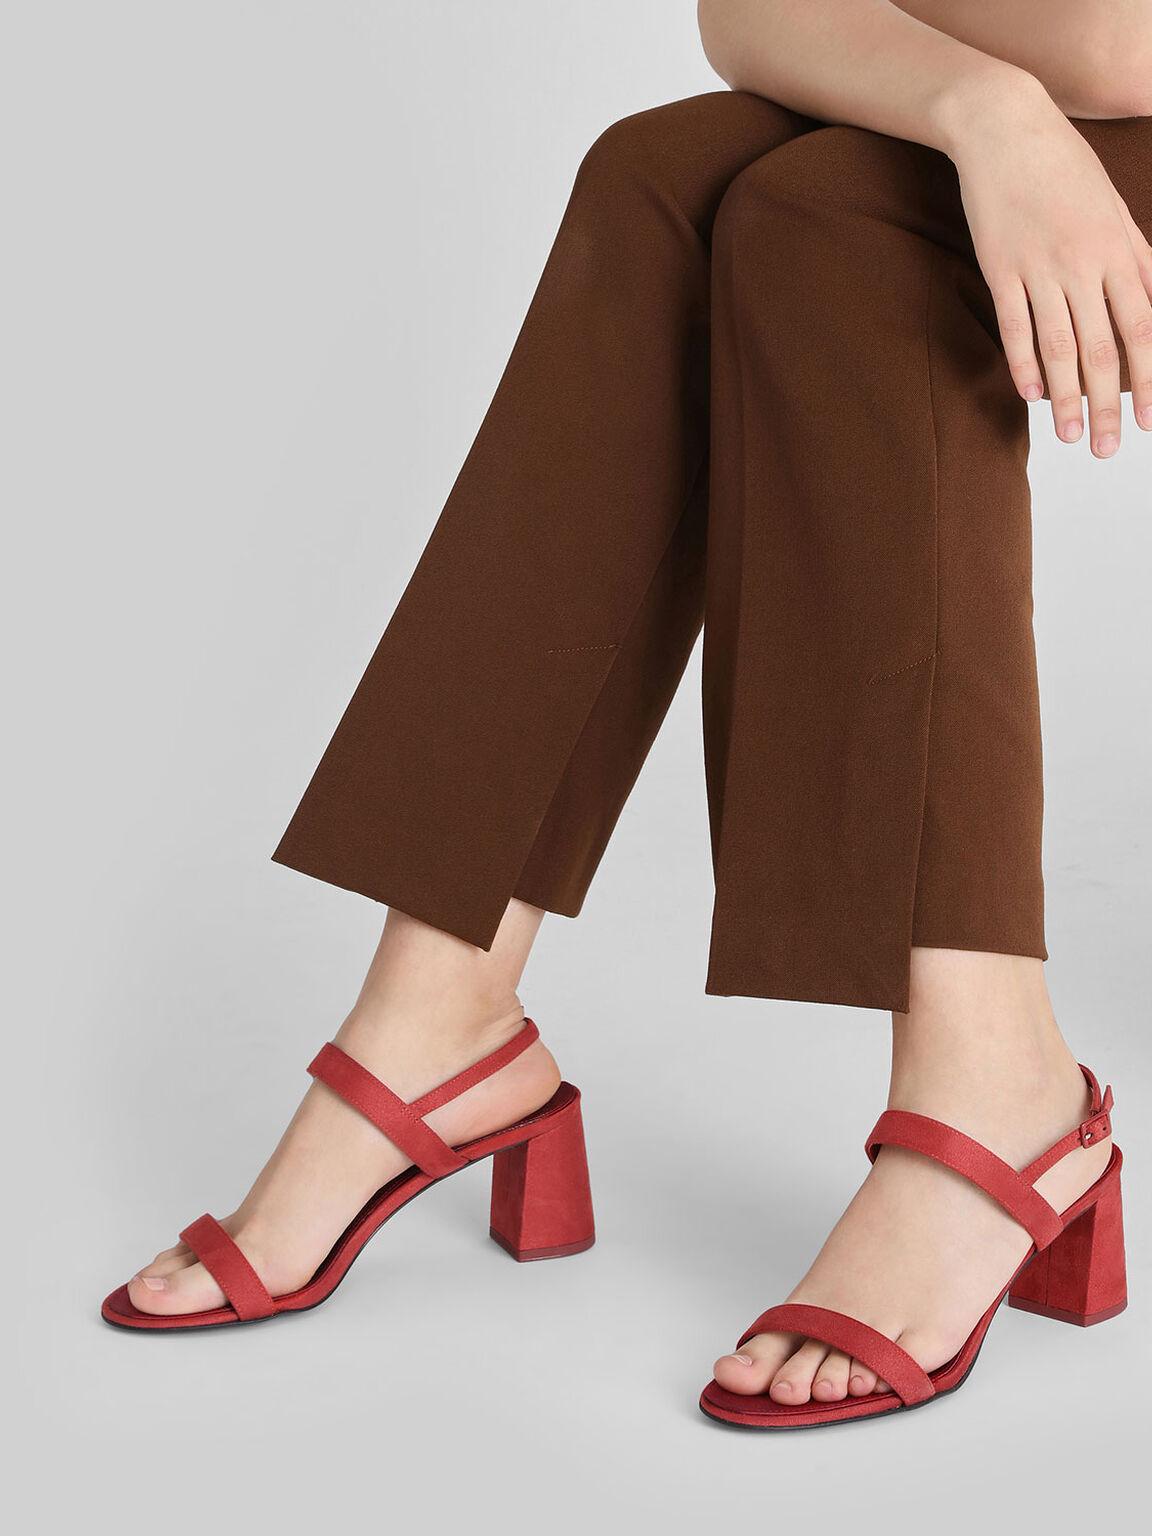 Flare Block Heel Sandals, Red, hi-res